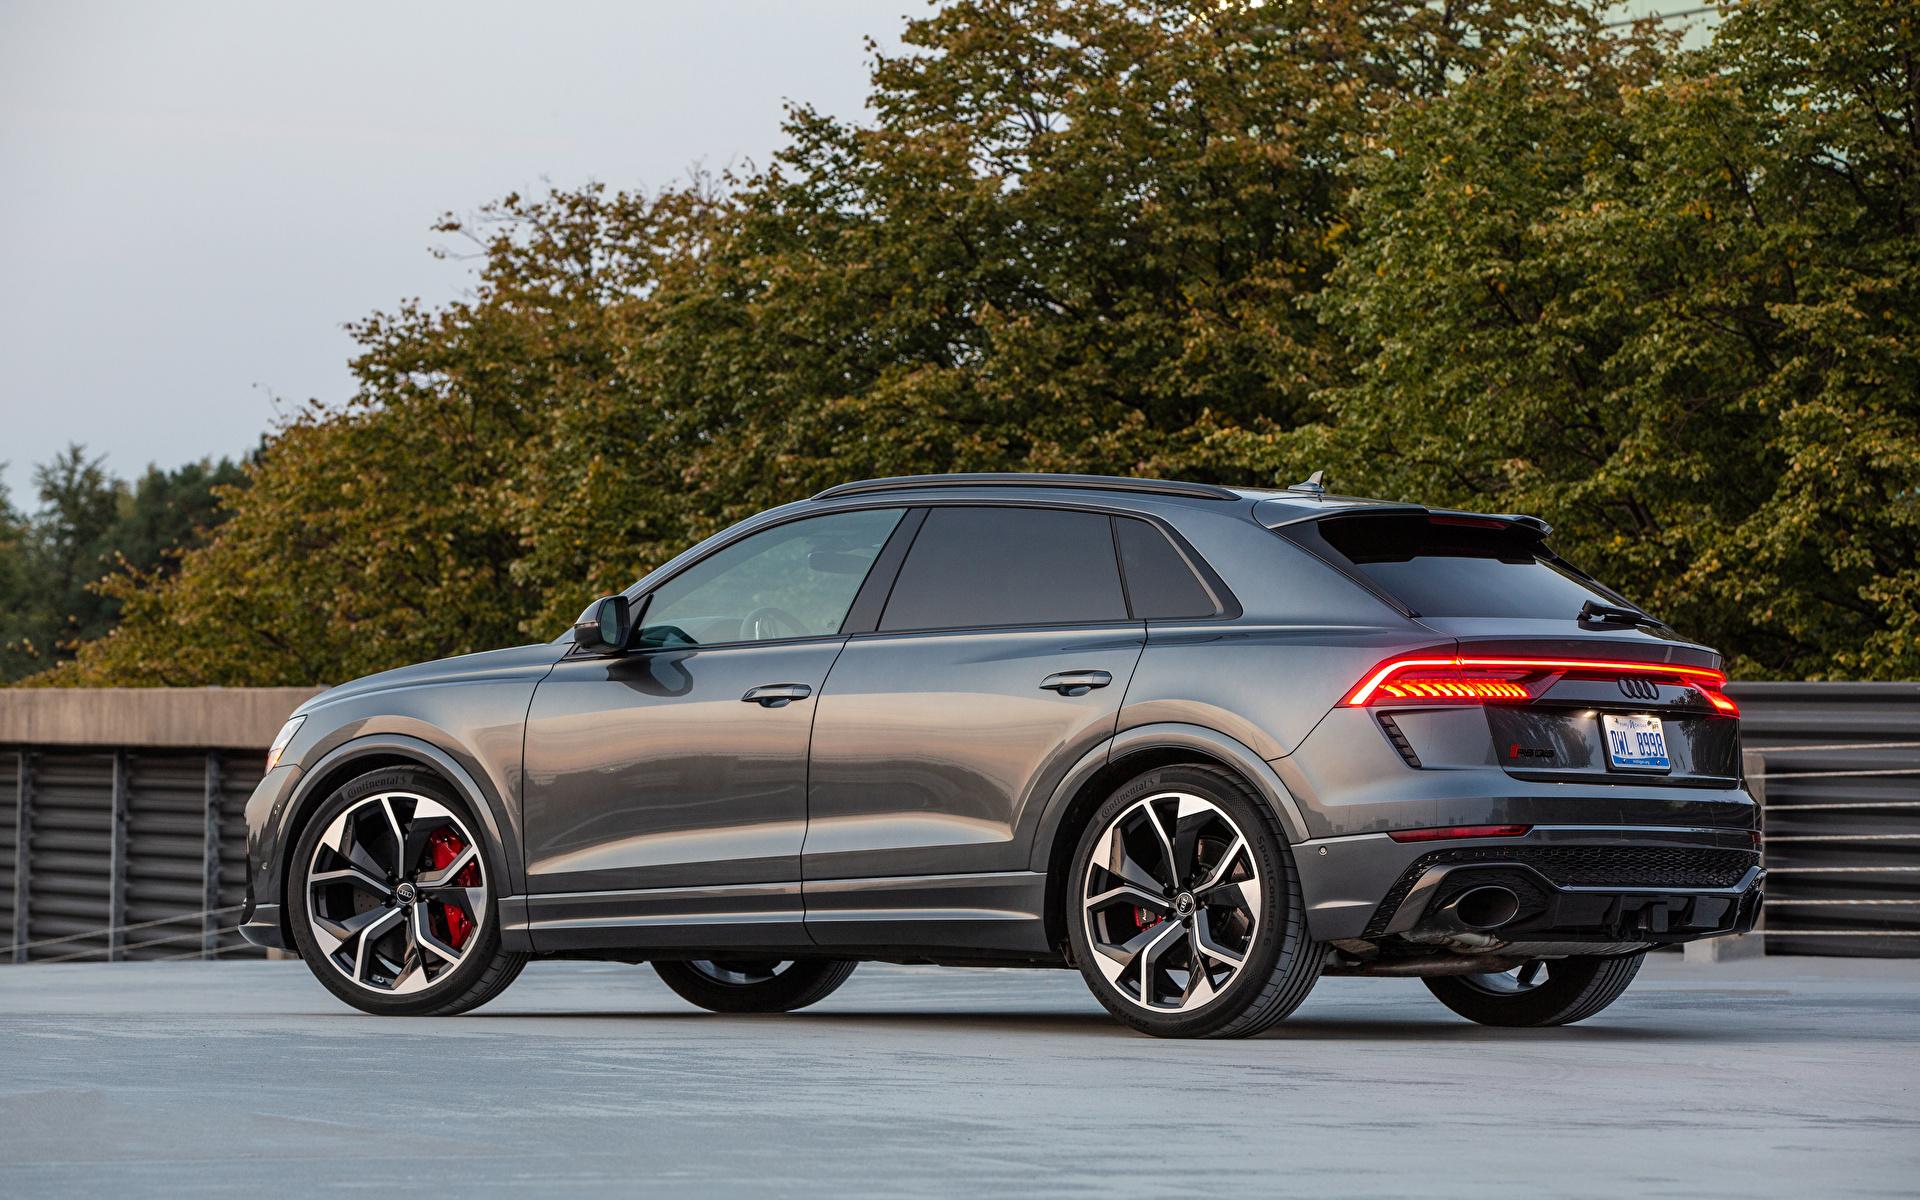 Фотография Audi RS Q8, North America, 2020 Серый Сбоку Металлик Автомобили 1920x1200 Ауди серая серые авто машины машина автомобиль